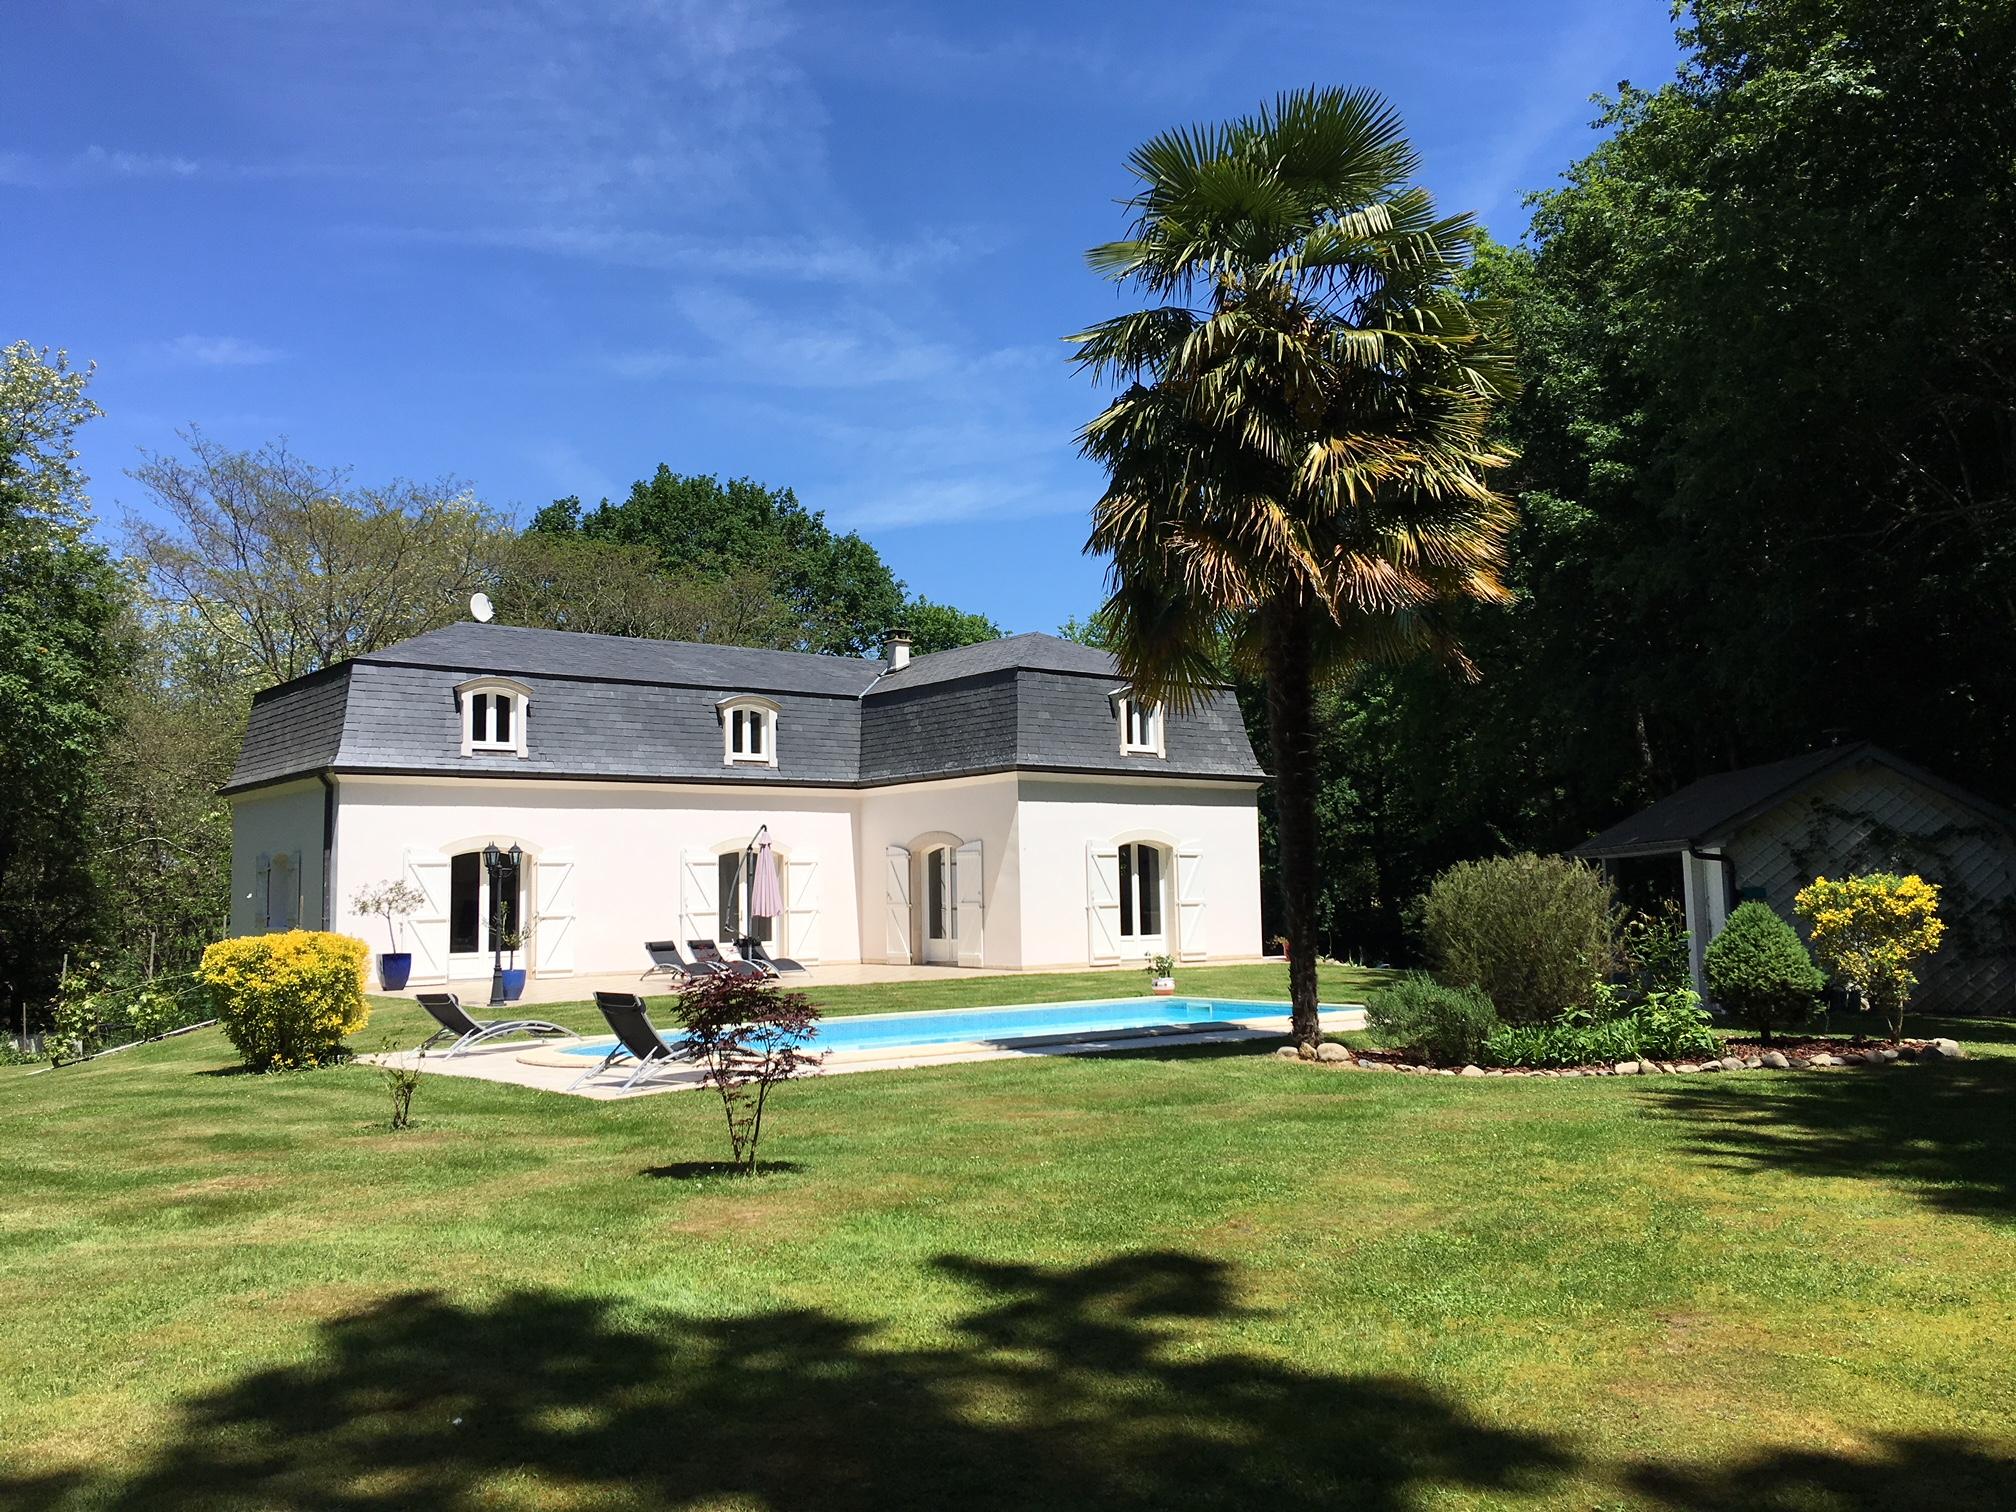 Maison piscine pau annonces immobili res for Cherche maison achat